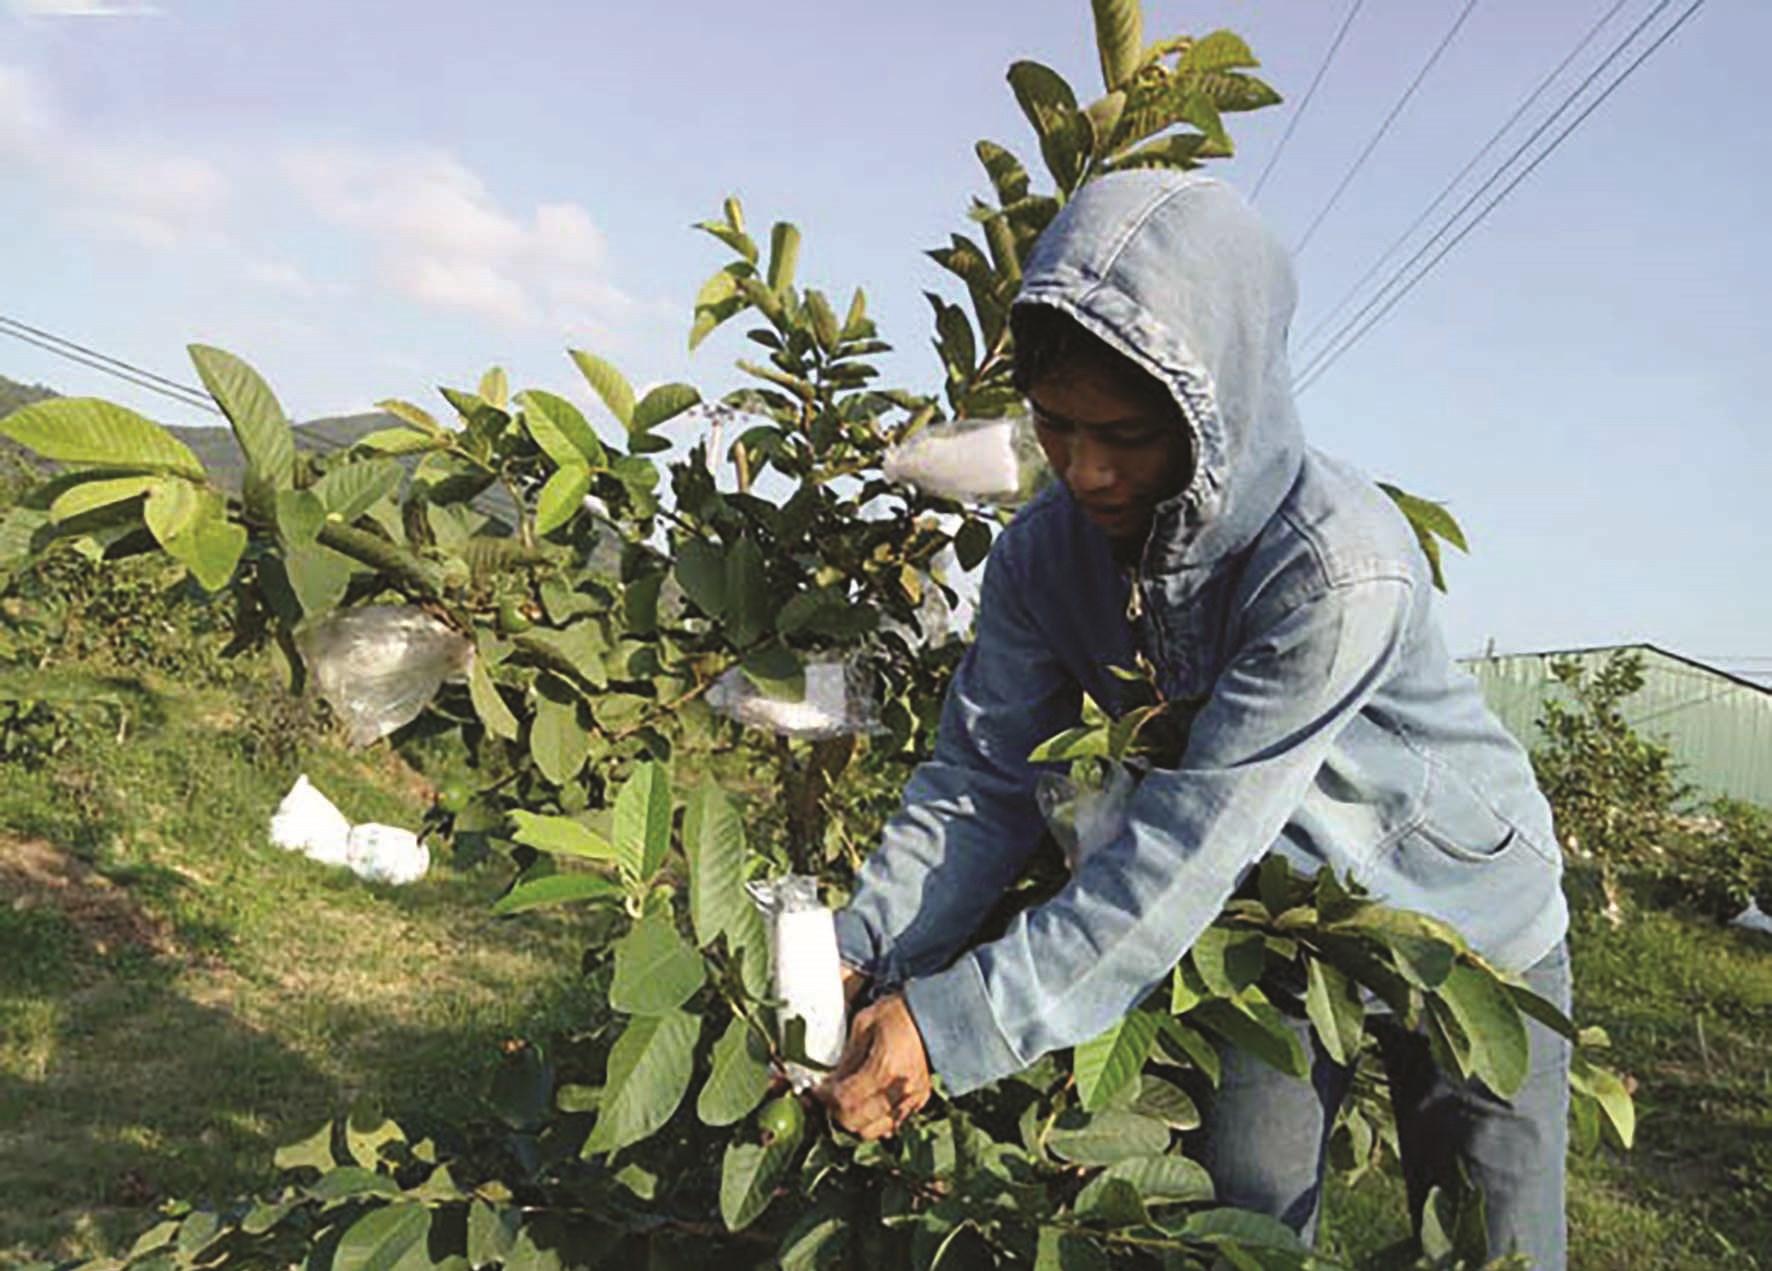 Ở nhiều xã của huyện Yên Thành, việc trồng các loại cây ăn quả đang trở thành phong trào